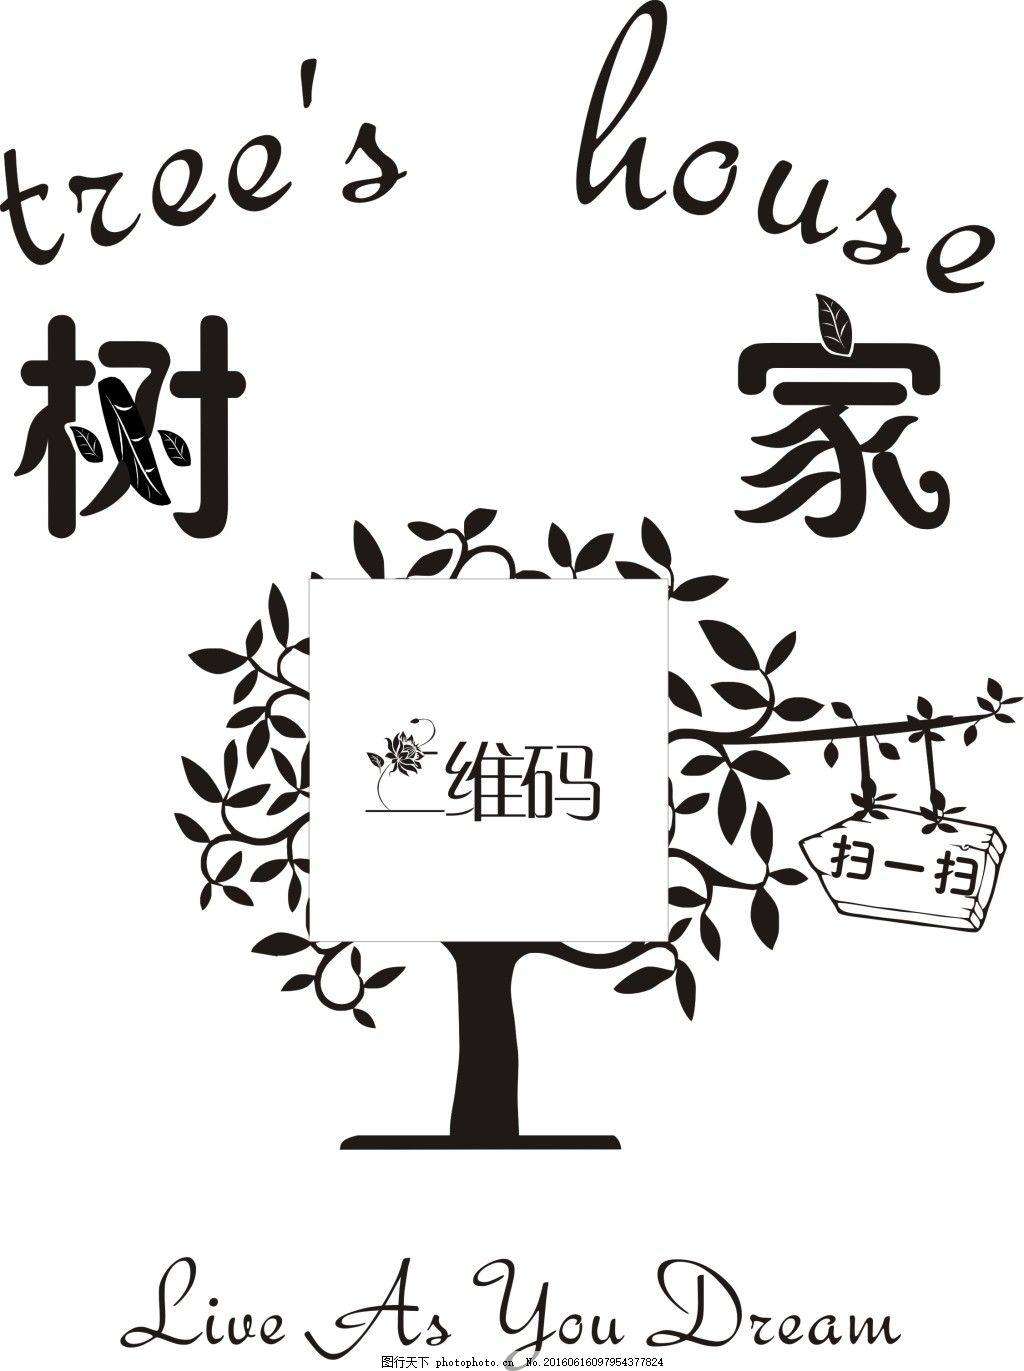 树家 小树 树木logo 吊牌 树叶 扫一扫 二维码 环保 树木logo